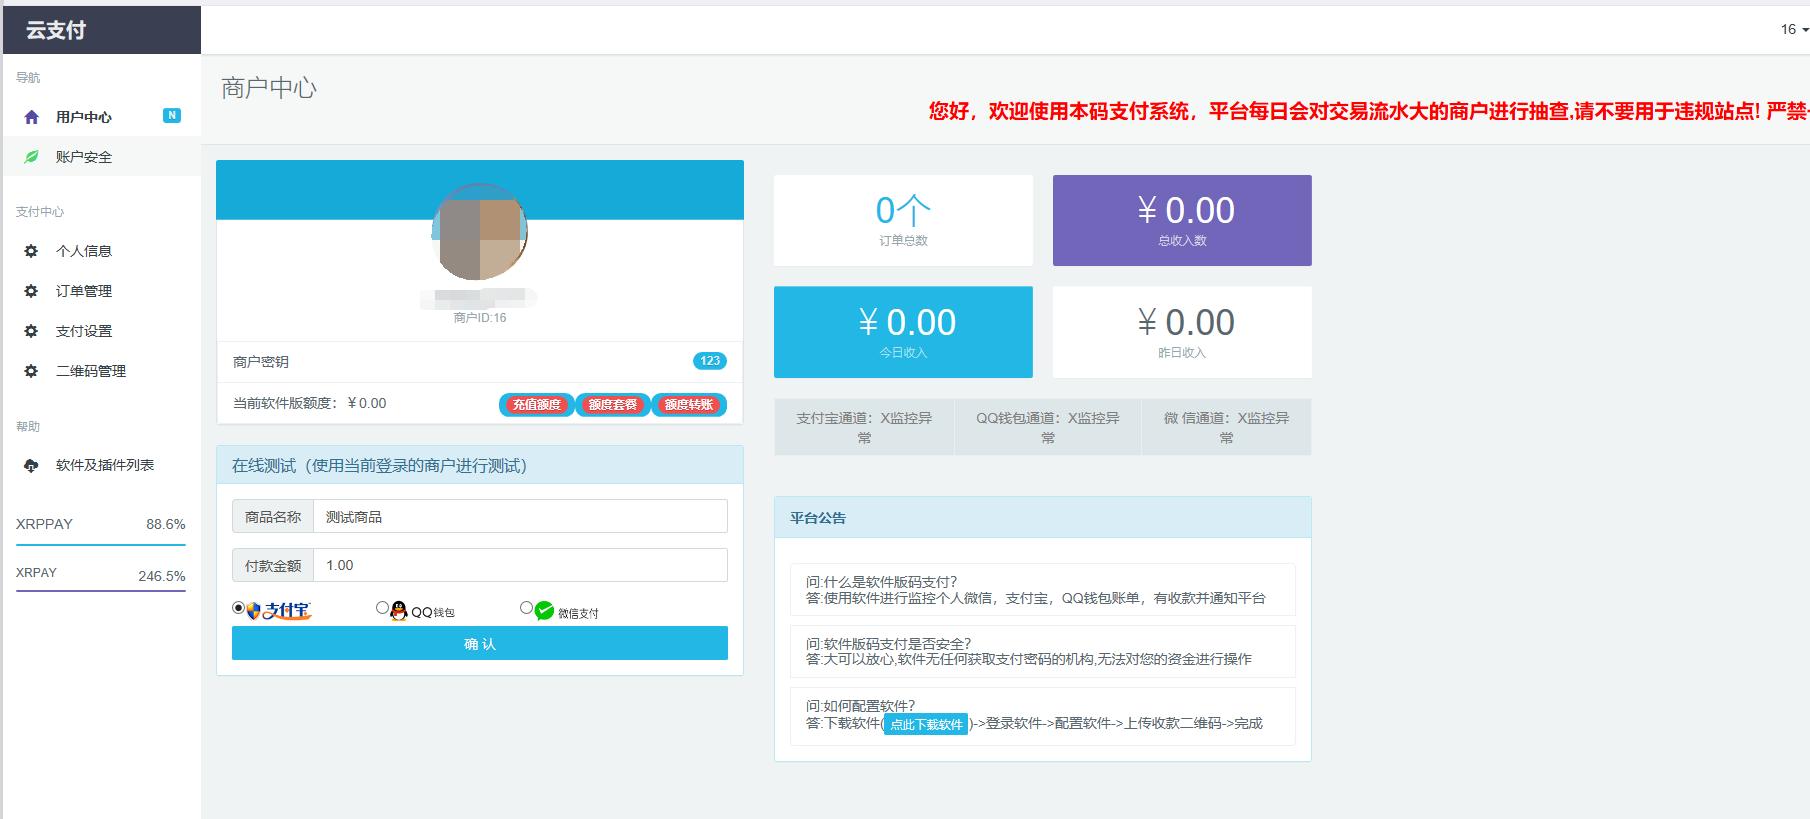 码支付系统源码免授权免签约支付系统二维码收款支付宝微信QQ即时到账